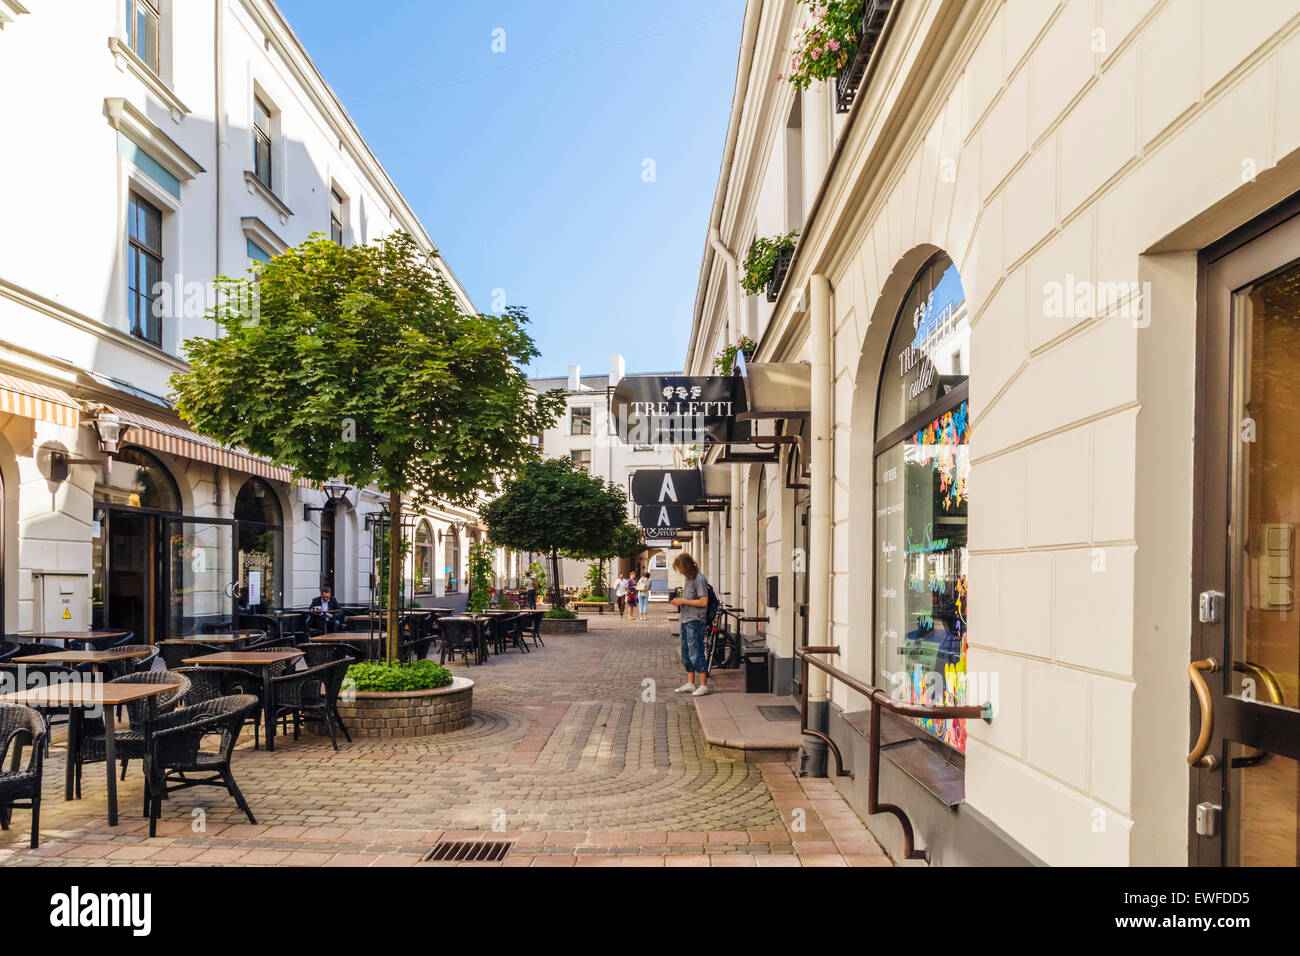 Bergs Bazaar, cour avec boutiques, Riga Lettonie Photo Stock